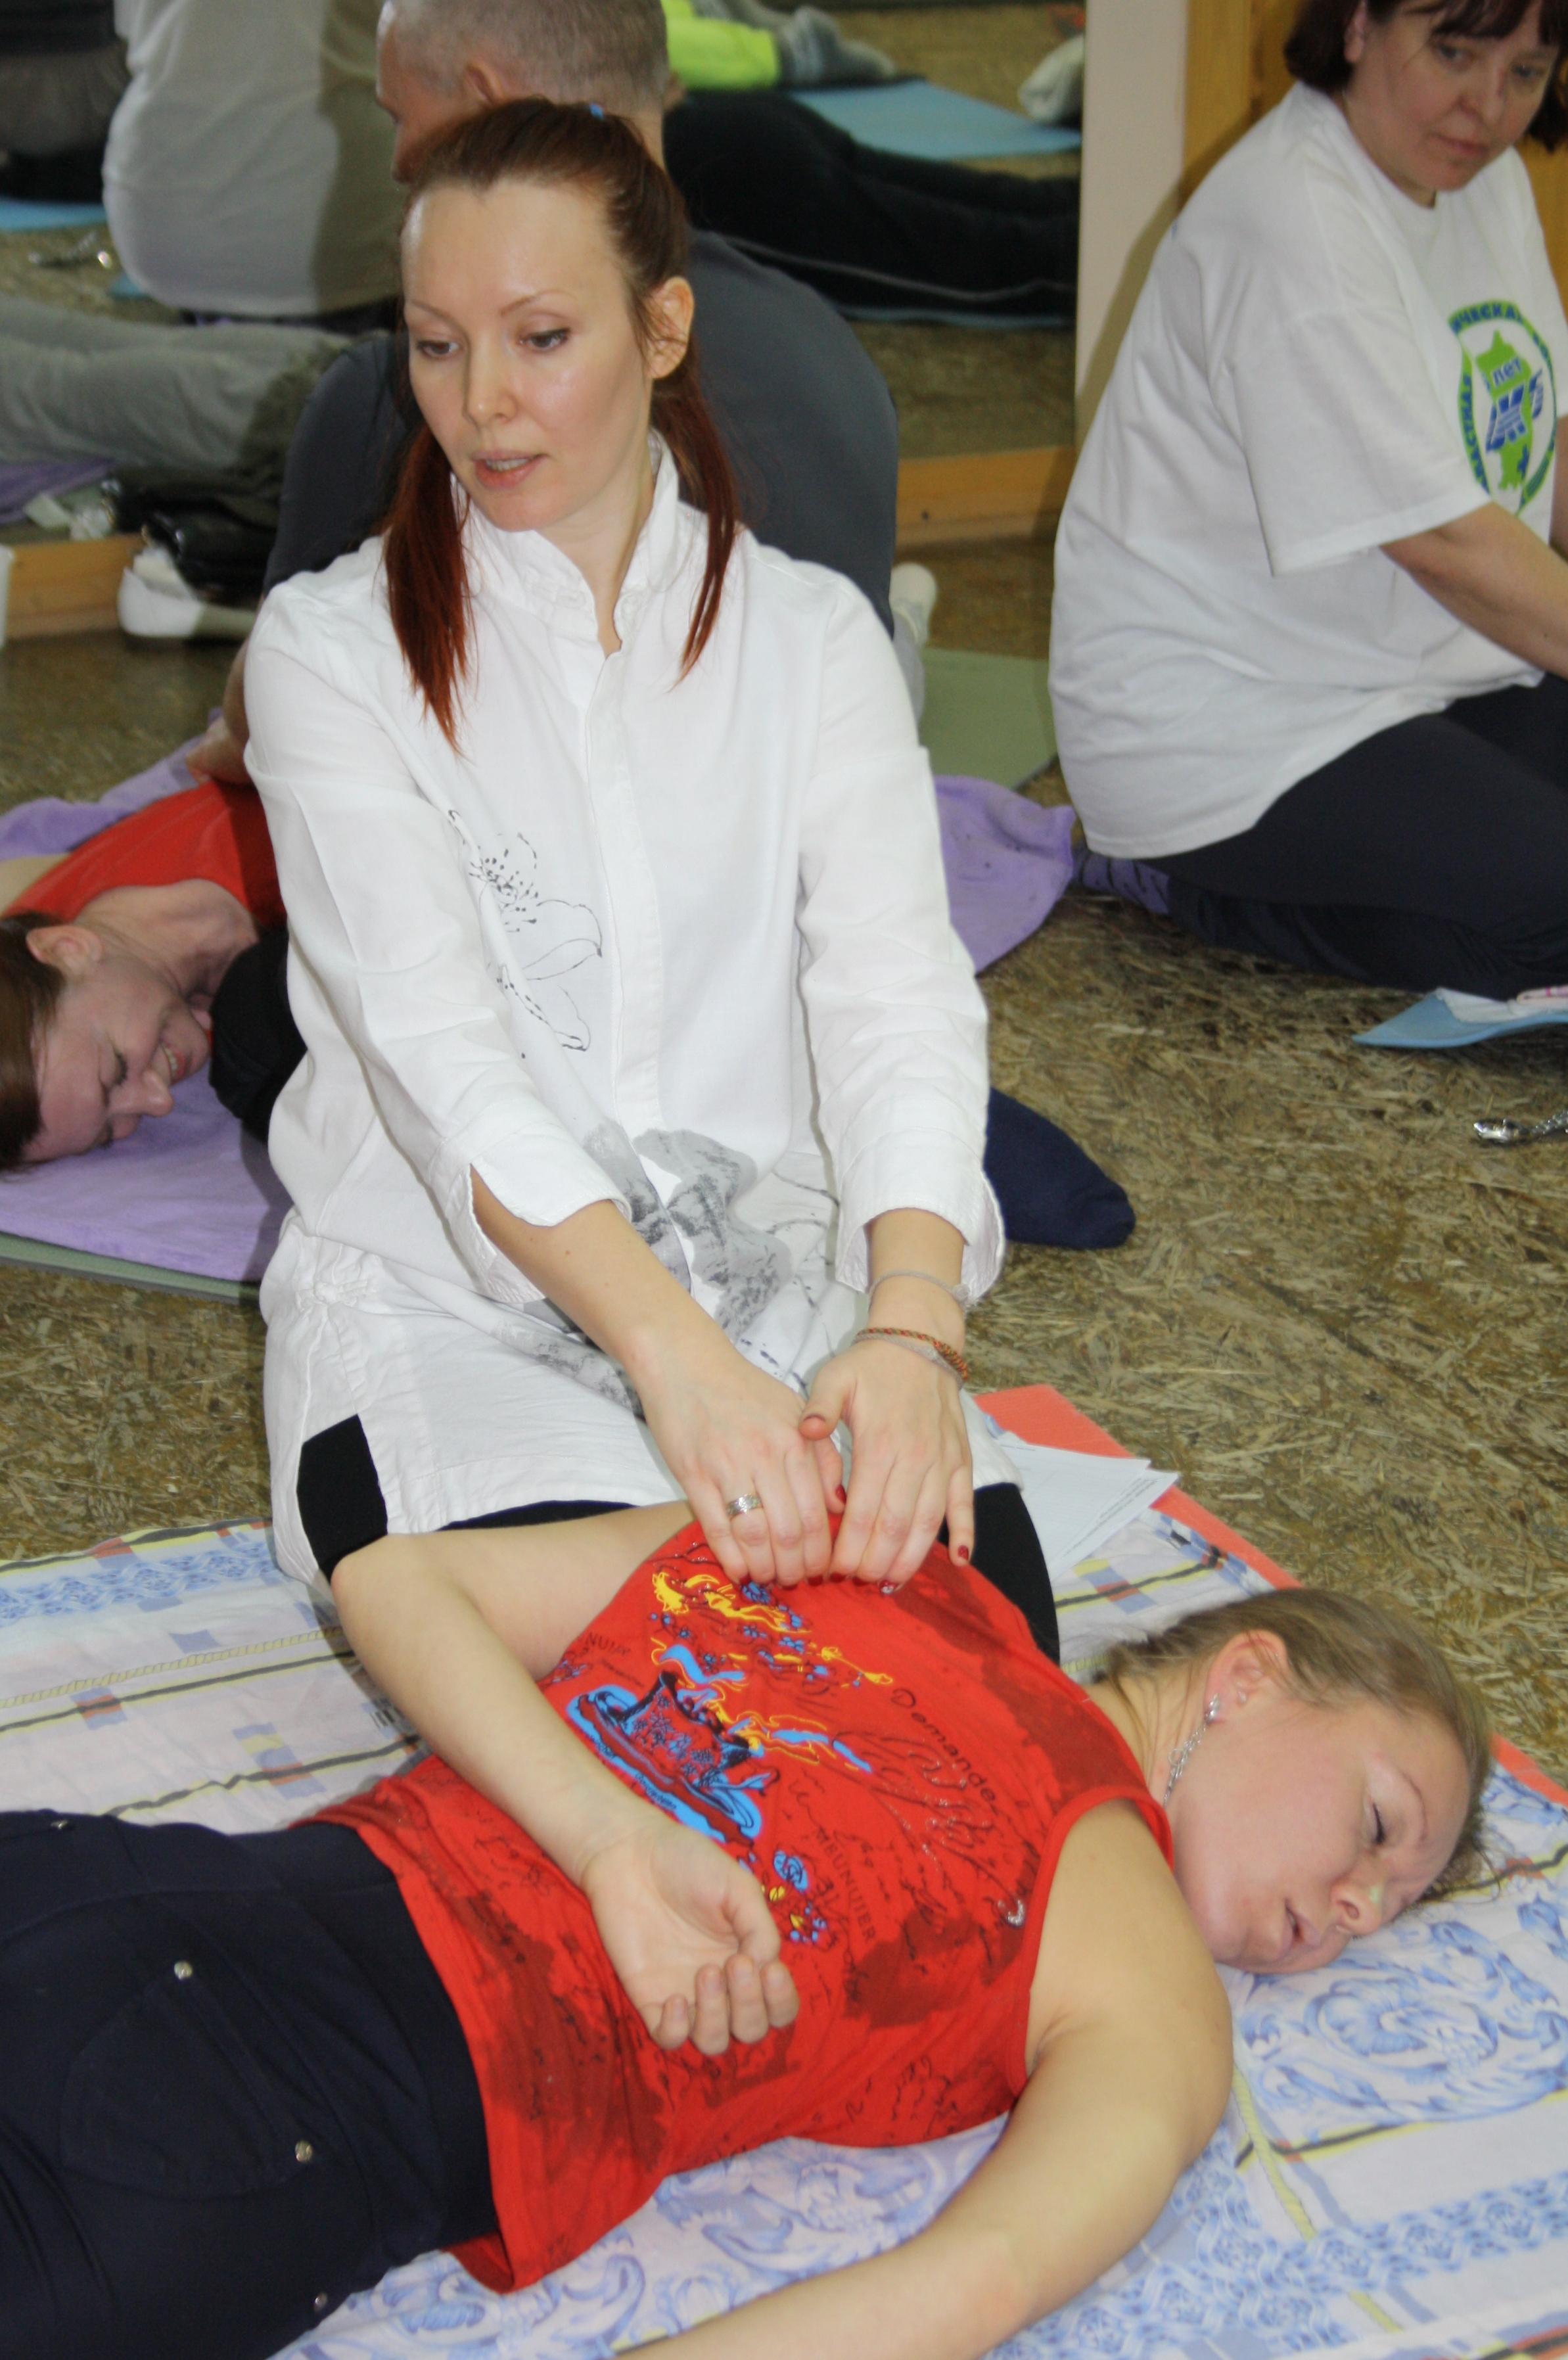 В Санкт-Петербурге эротический массаж на г.петрова снять путану Печатника Григорьева ул.